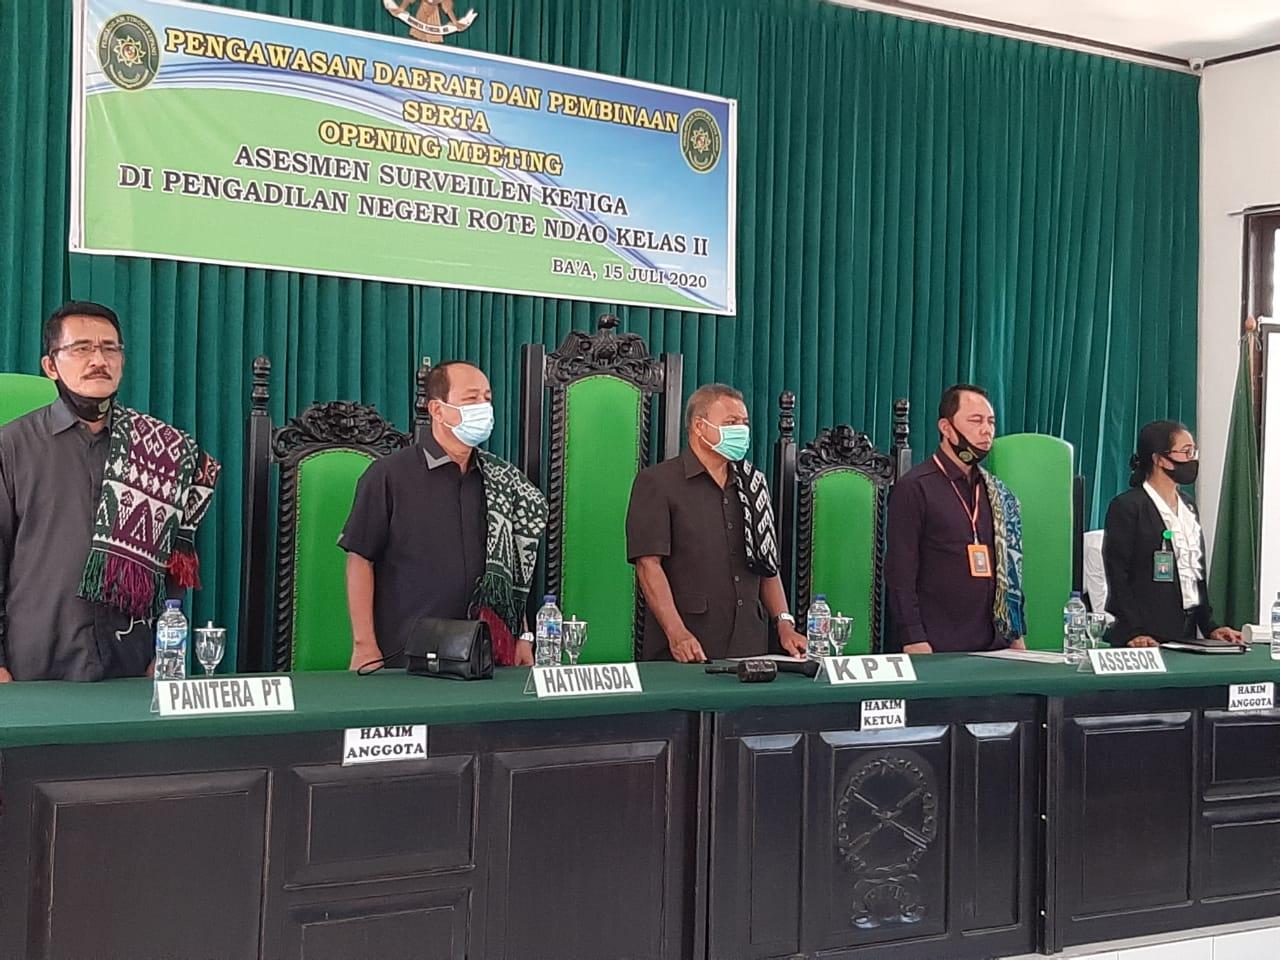 Pengawasan Daerah di Pengadilan Negeri Rote Ndao